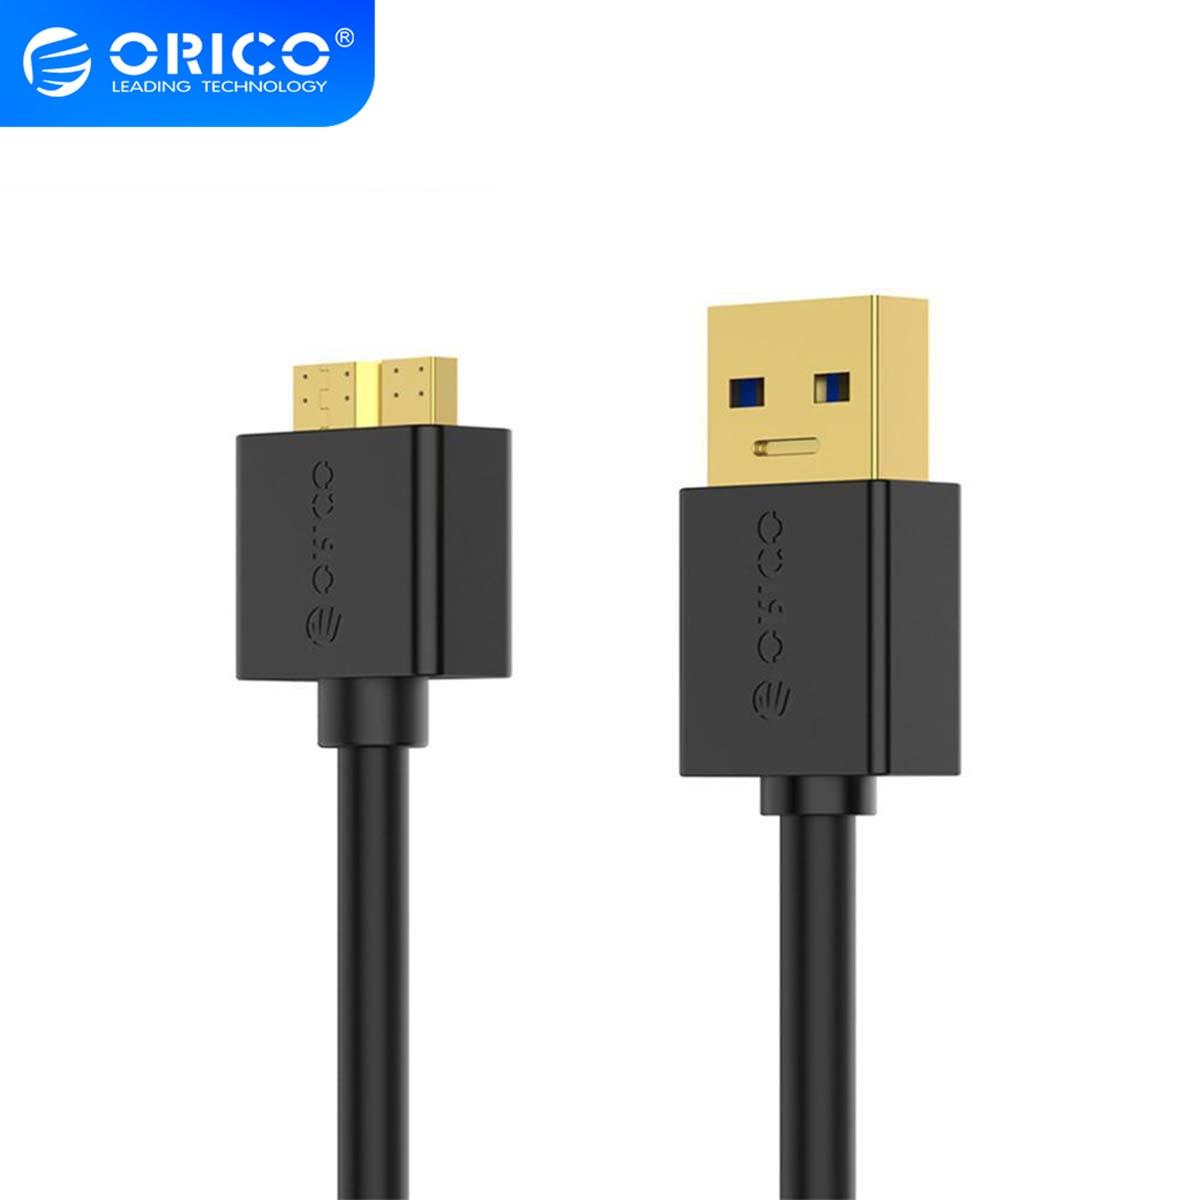 ORICO USB 3,0 MicroB A Cable de fecha tipo A para disco duro externo, Cable de transmisión de alta velocidad para ordenador portátil, 0,3 m/0,5 m/1,0 m/1,5 m/2,0 m